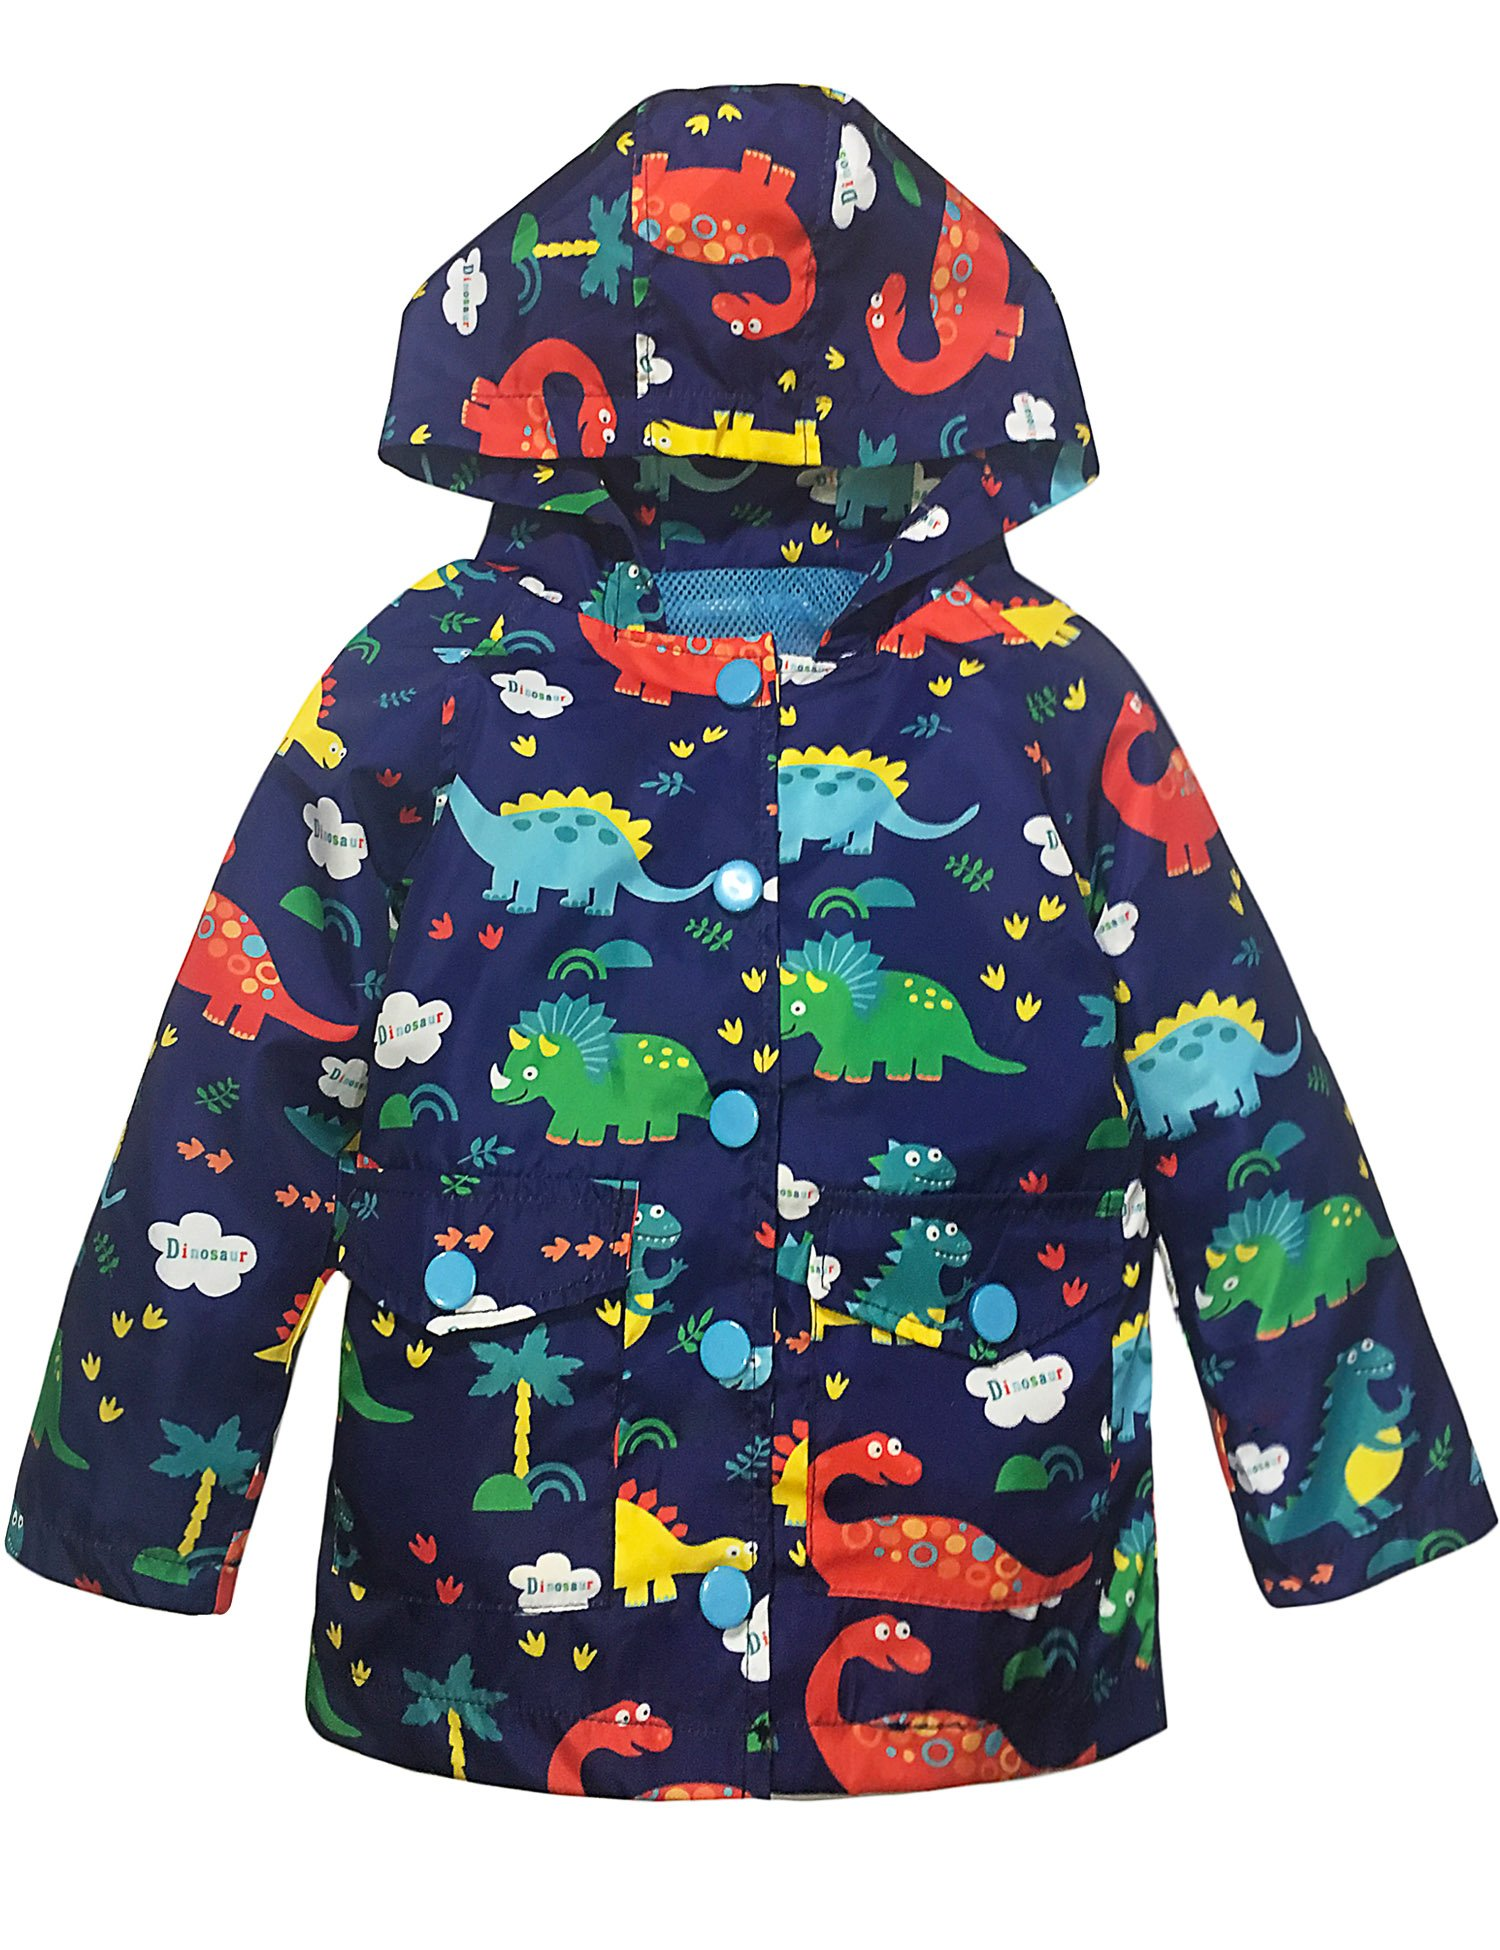 YNIQ Boys Kids Children Lightwight Print Hooded Waterproof Raincoat for Little Boys